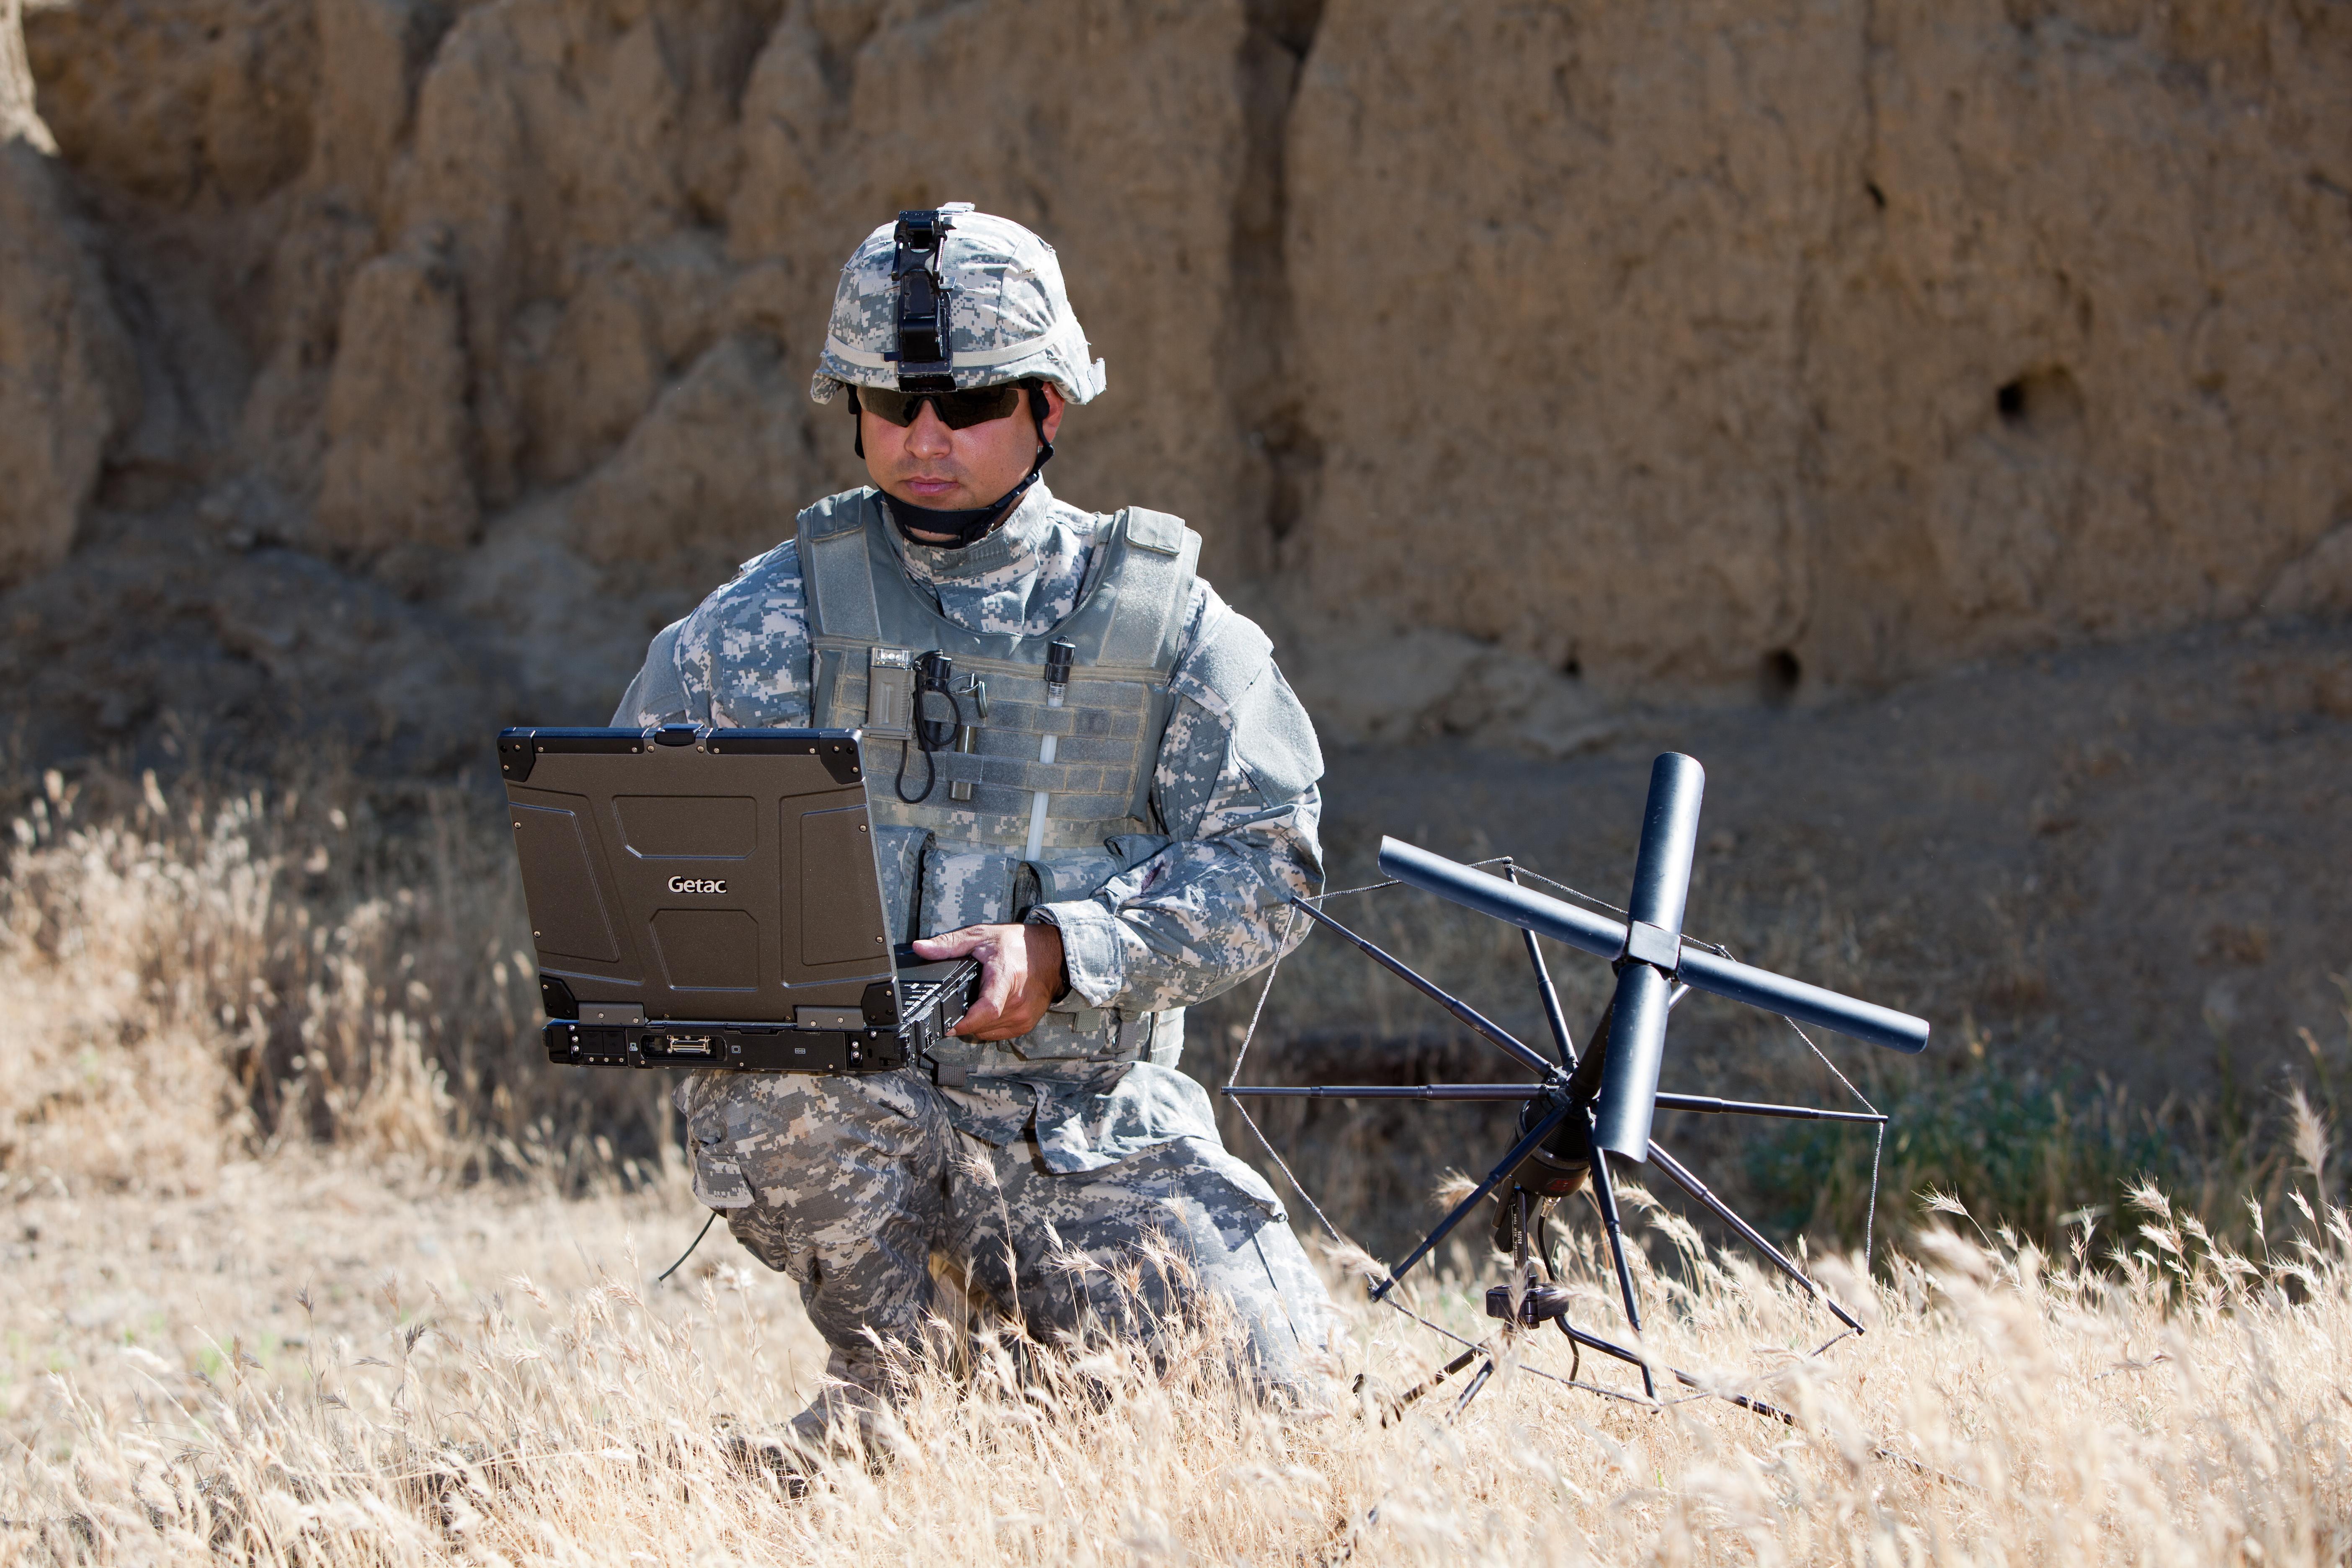 getac b300 defense sector